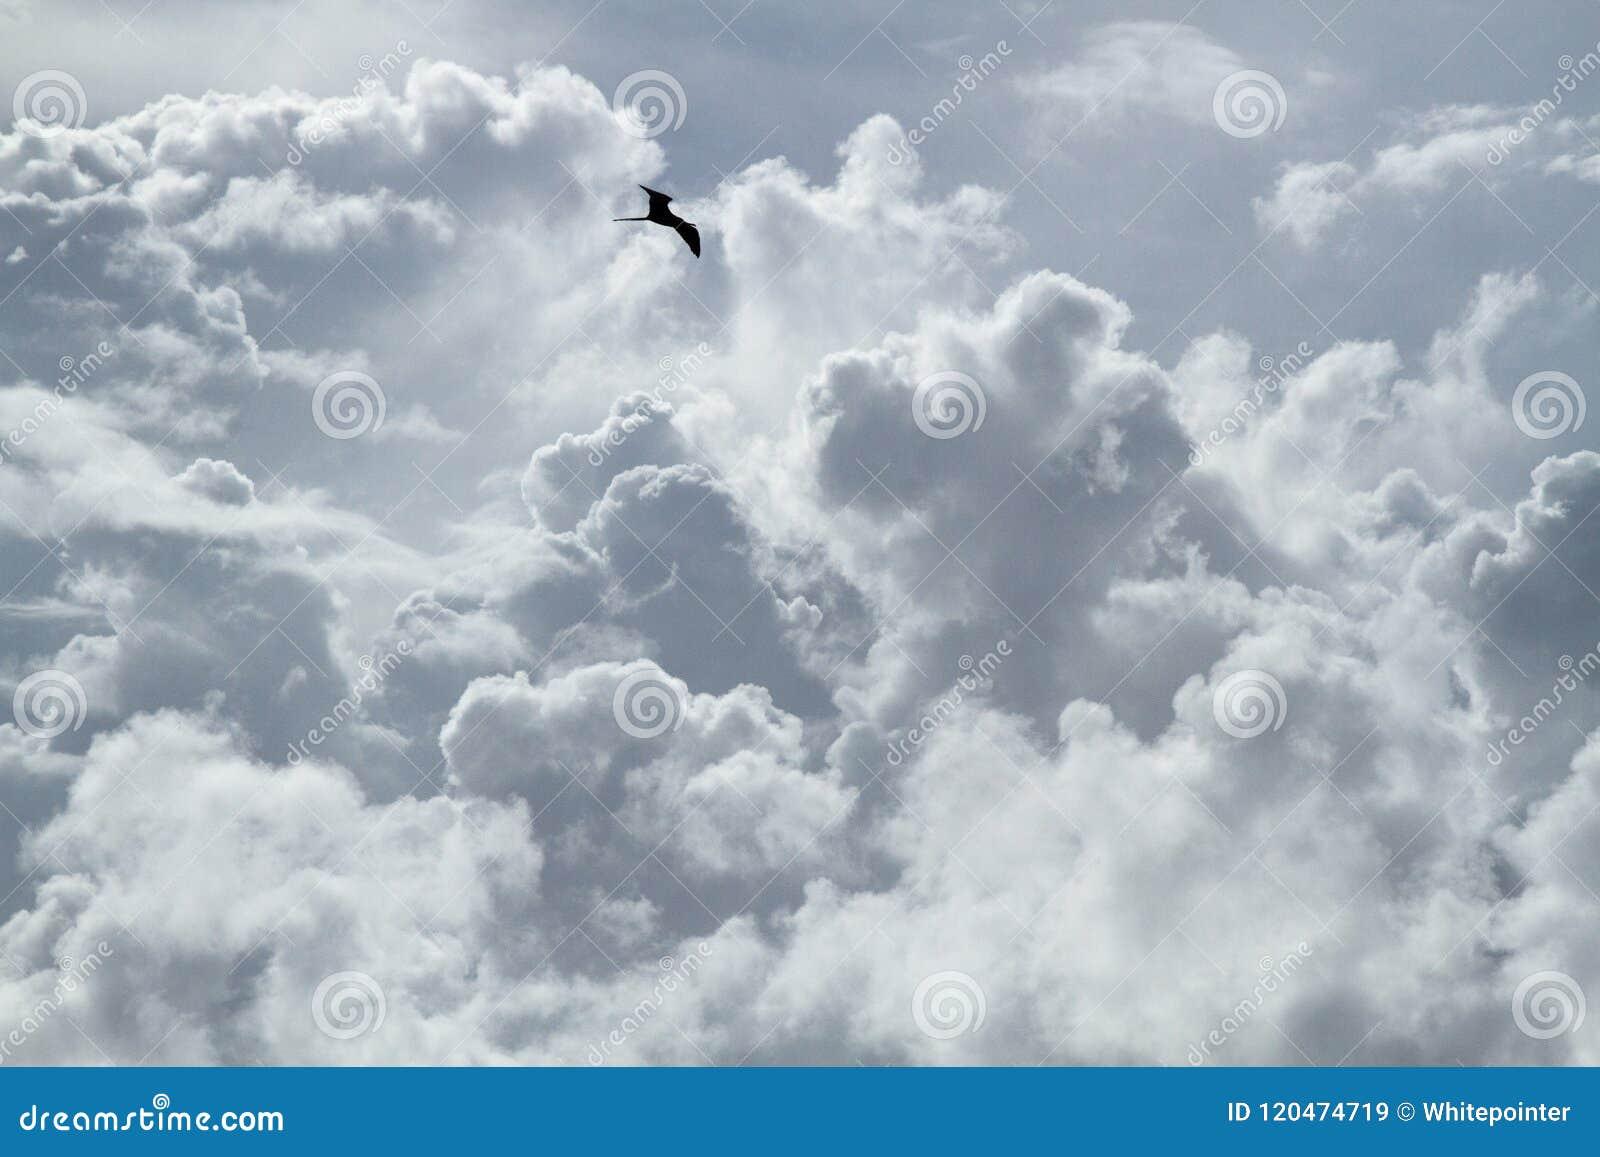 O pássaro está voando ao redor e ao redor no céu nebuloso